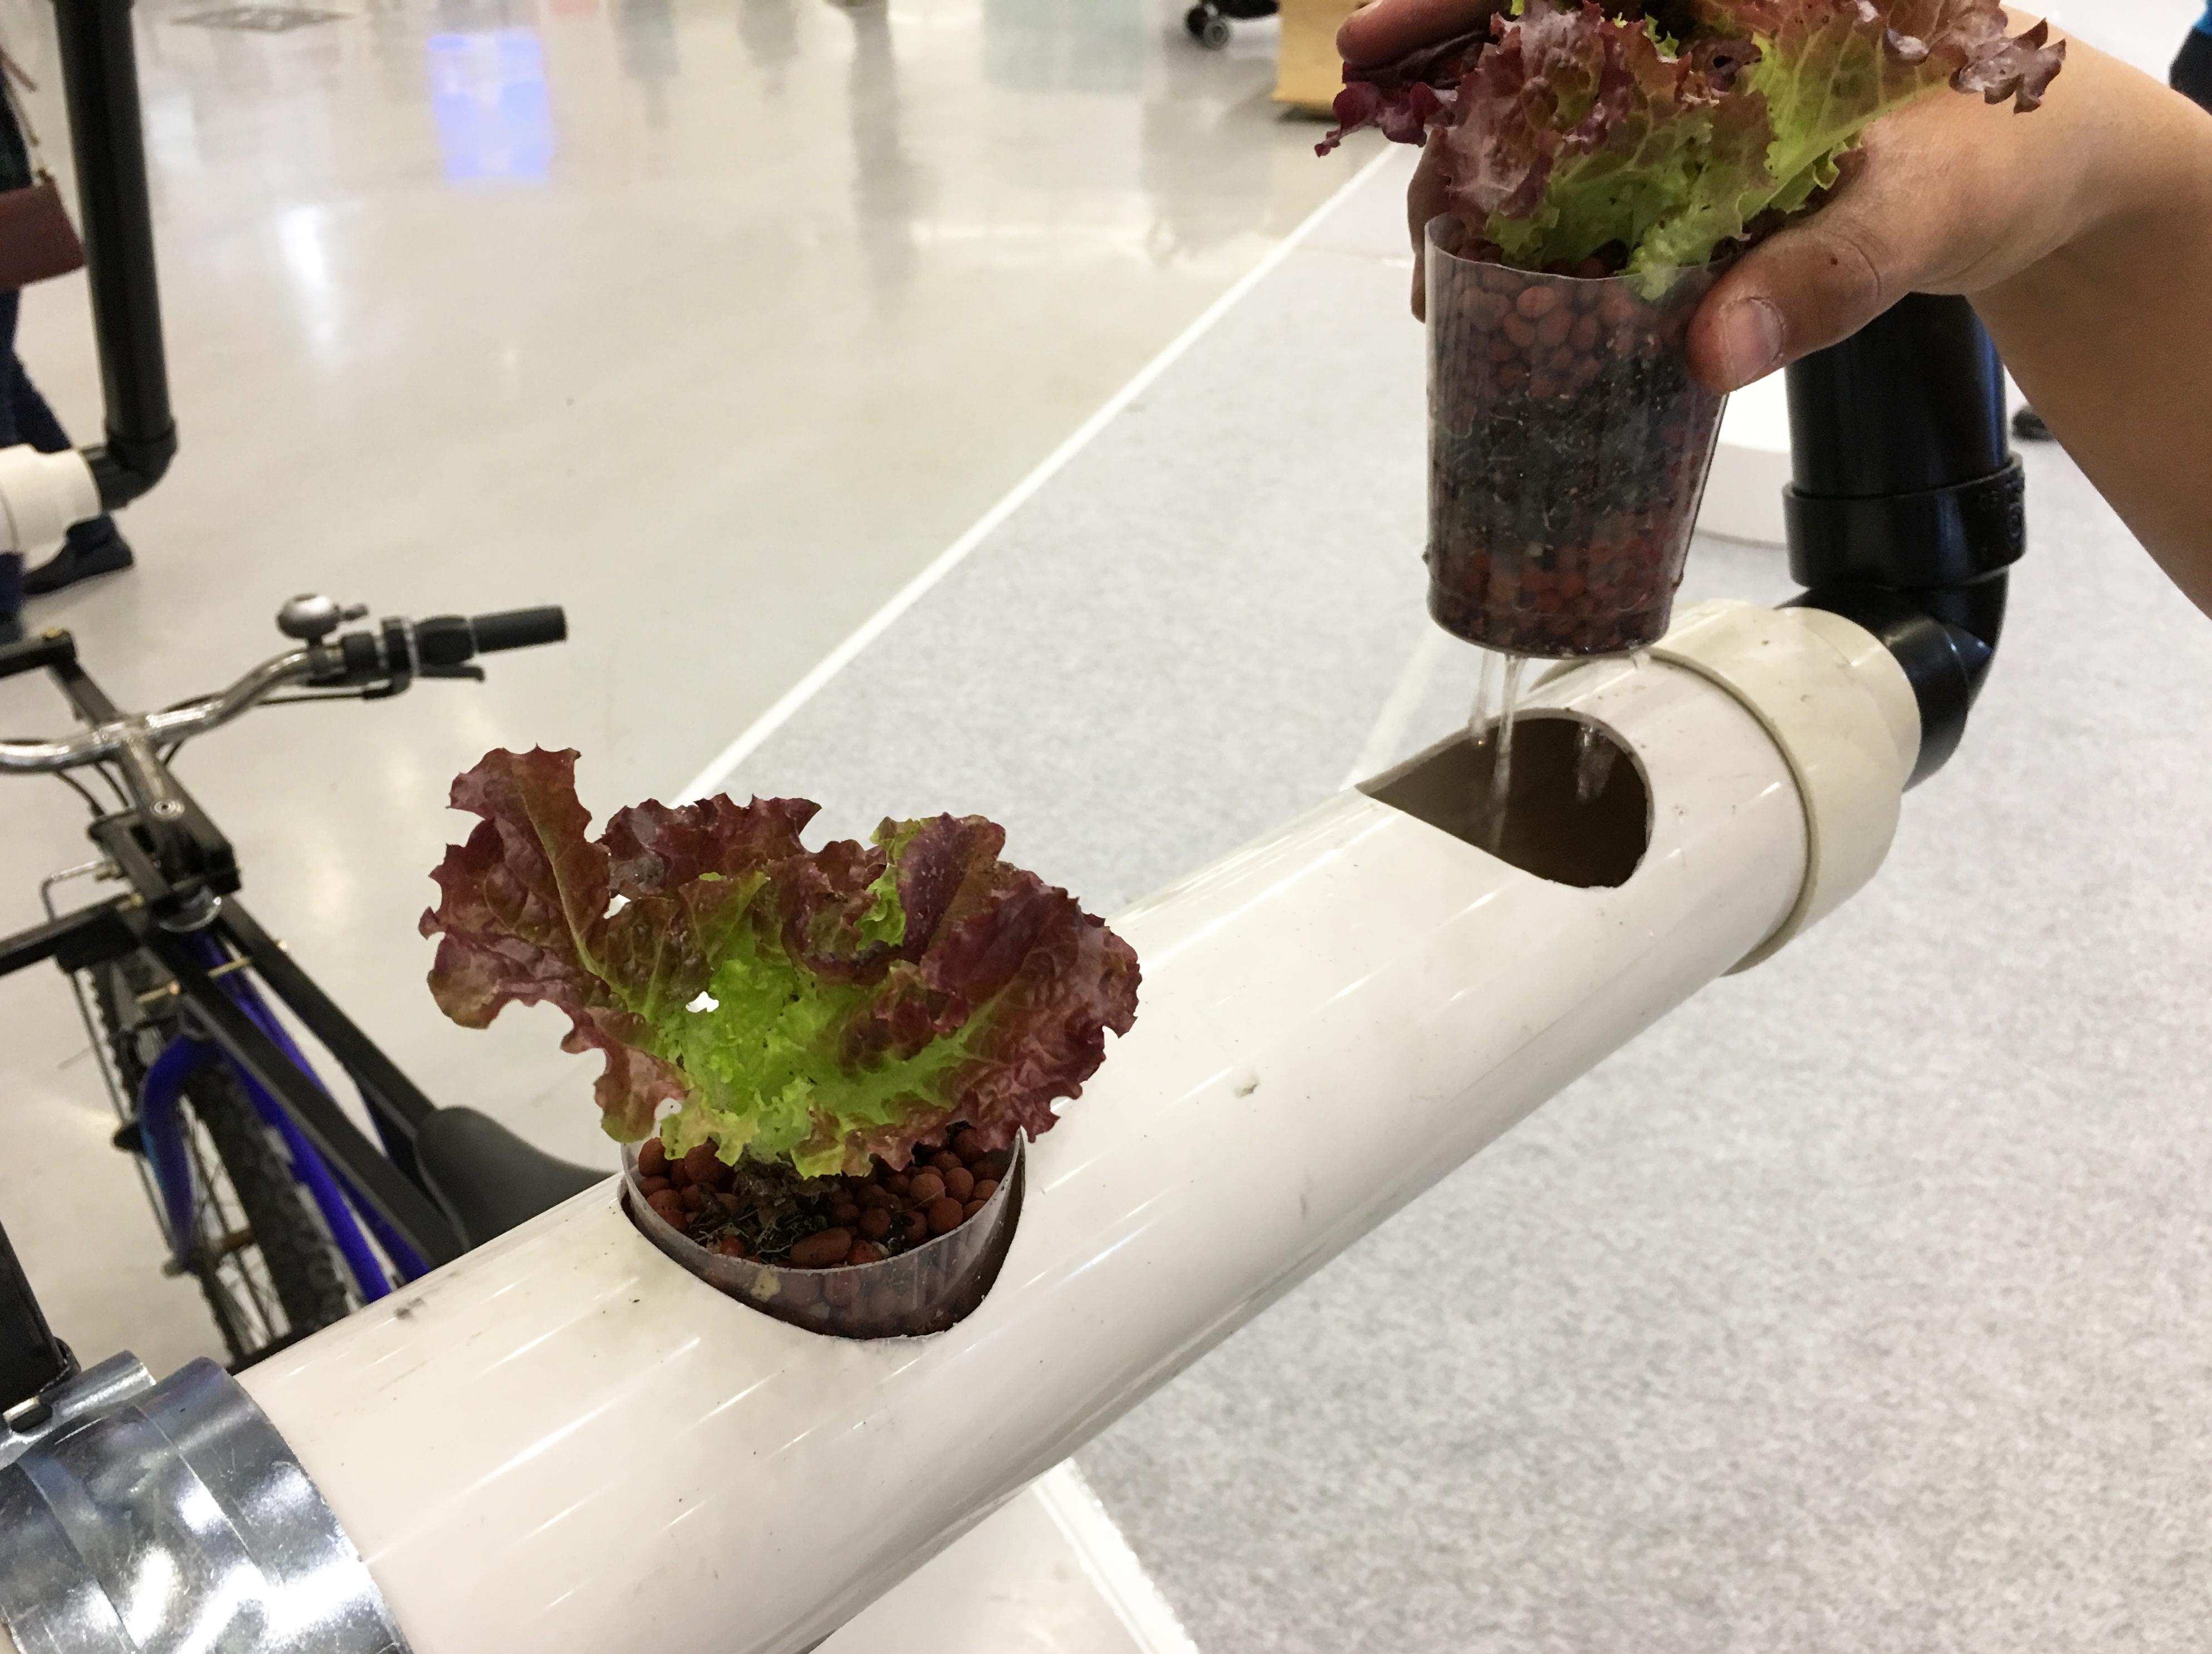 hydroponic farm1